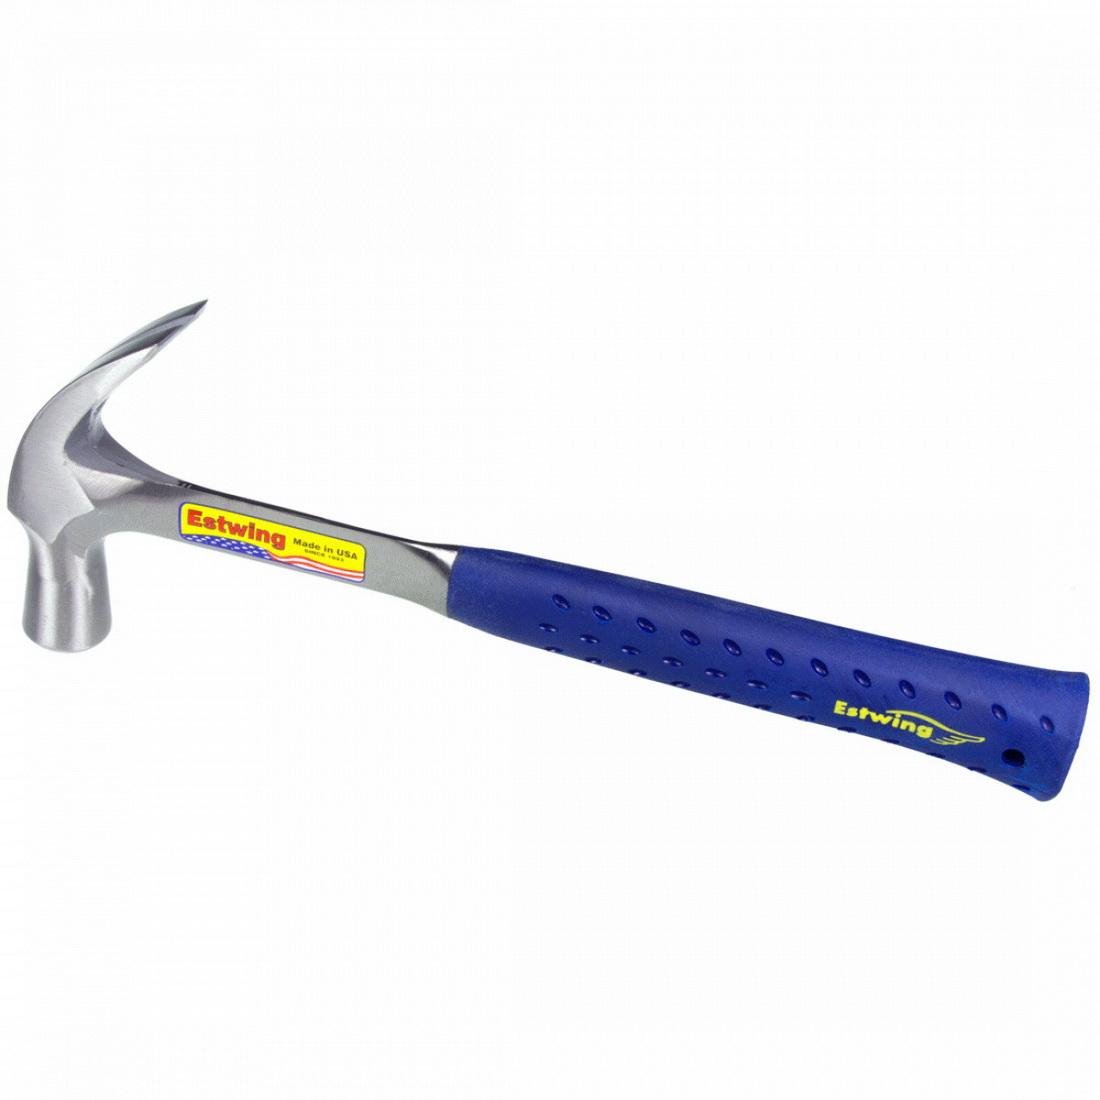 24oz 30 x 343mm Curved Claw Hammer